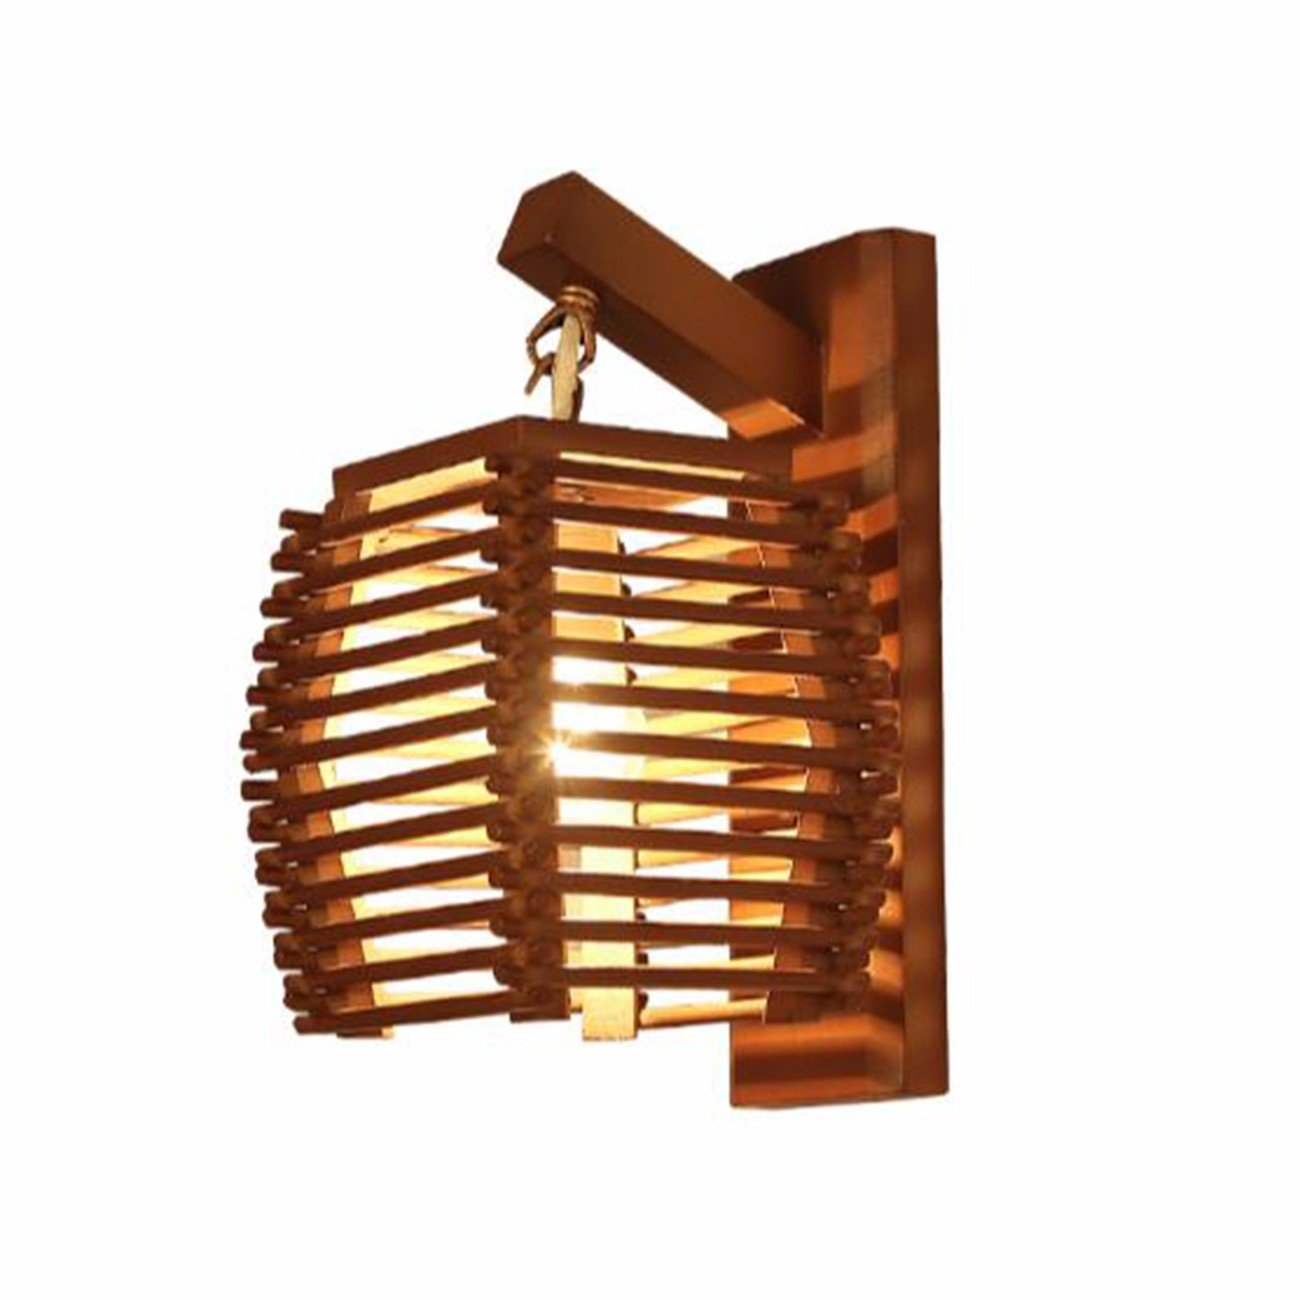 T-ZBDZ Restaurant Wand Lampe Wohnzimmer Schlafzimmer Nachttischlampe Licht Treppe Korridor Gang klassische nostalgische Massivholz Wandleuchte